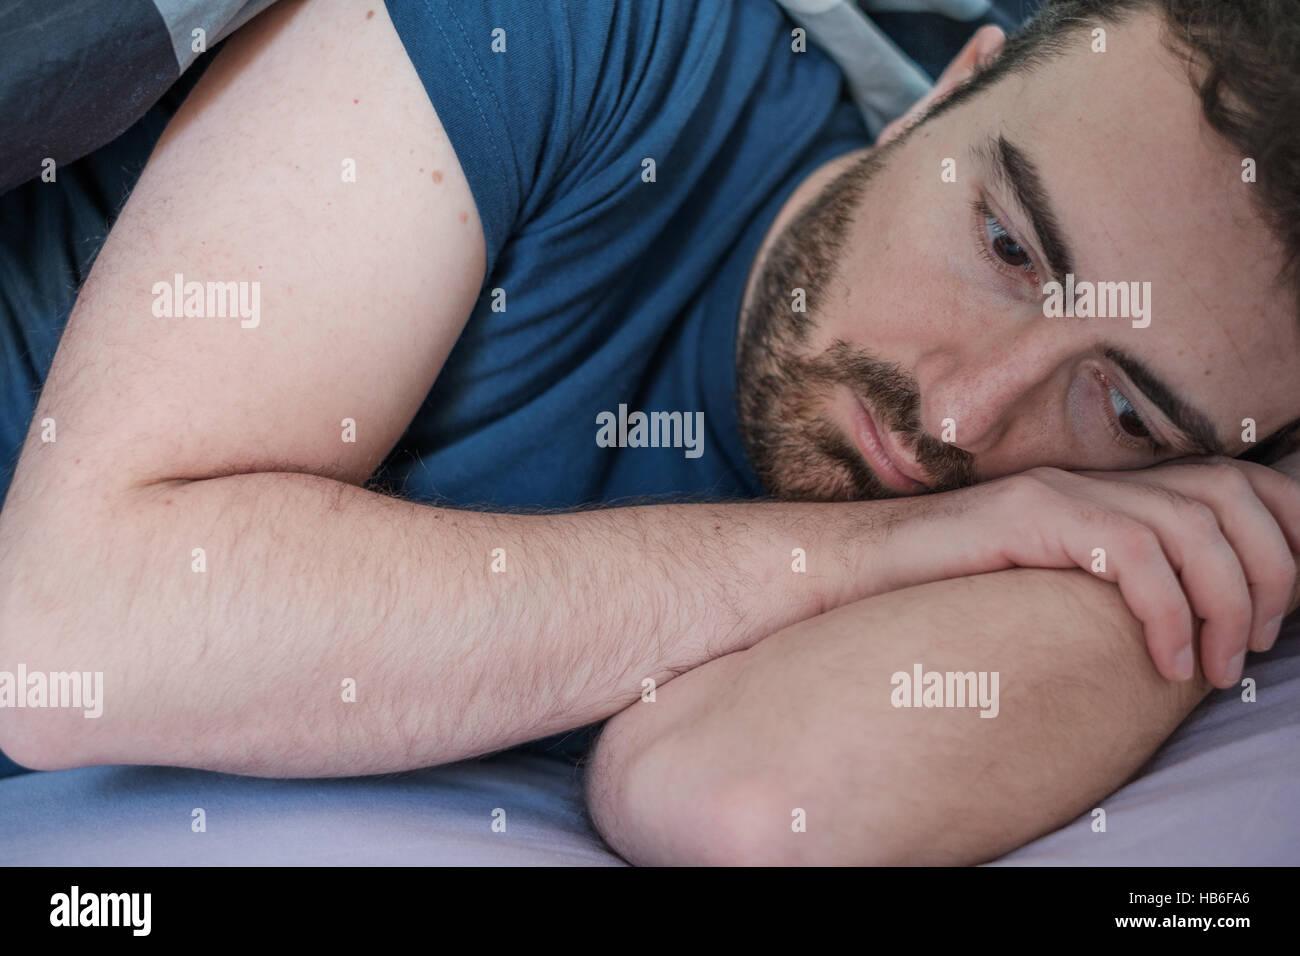 Pisado el hombre yace en su lecho sintiéndote mal Imagen De Stock